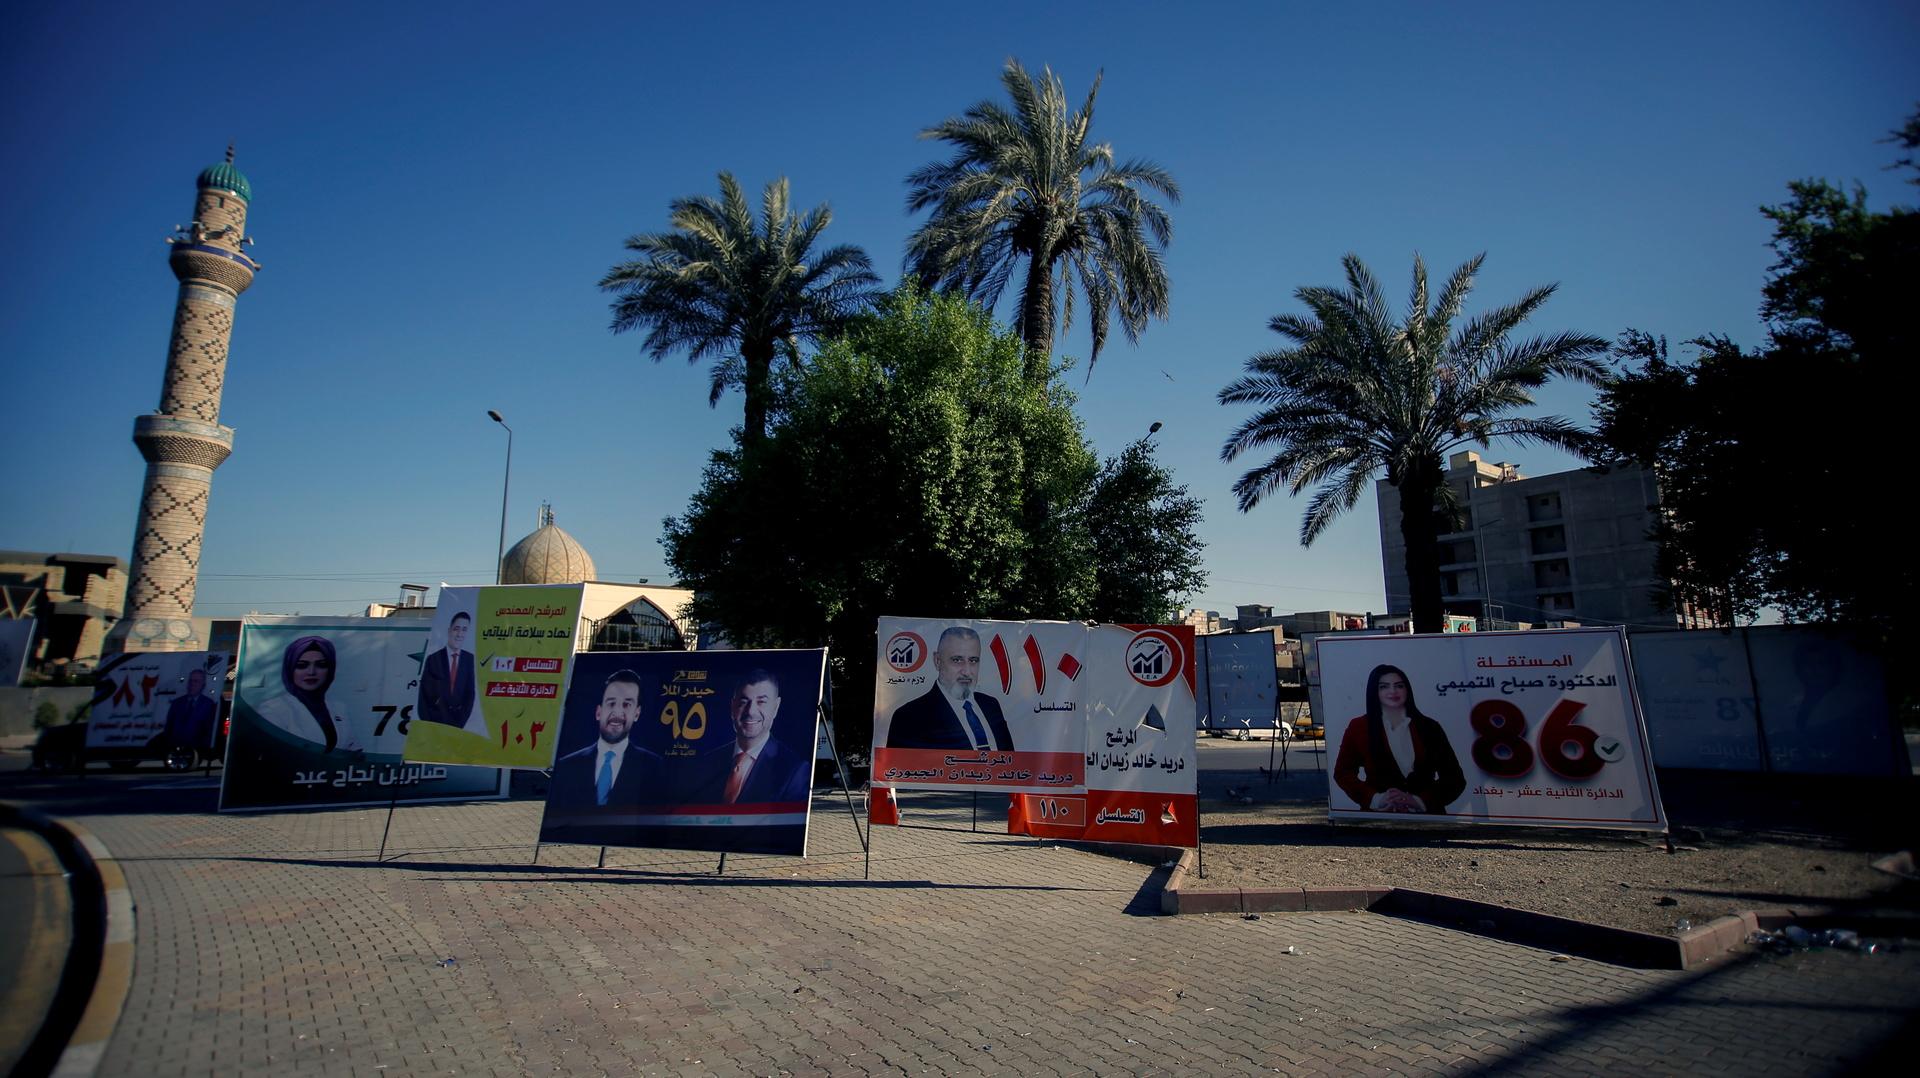 الصدر يوجه رسالة شديدة اللهجة بخصوص الانتخابات العراقية